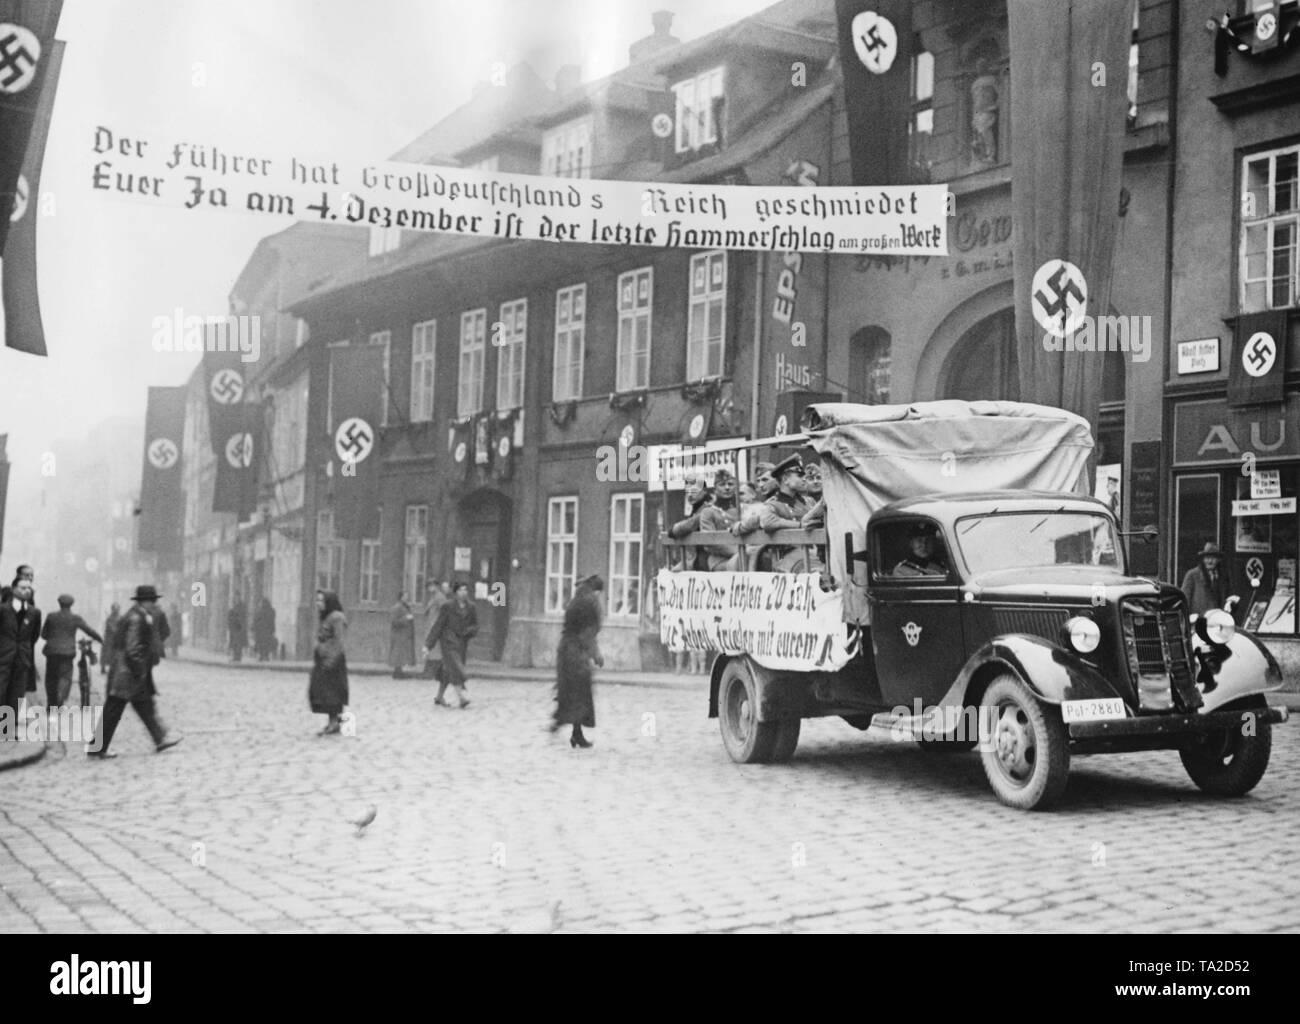 """Voiture de l'Ordnungspolizei (police régulières de l'Allemagne nazie) avec porte à Tellnitz Telnice (aujourd'hui). La ville est décorée avec des drapeaux à croix gammée. Les Allemands de Sudeten tenir une élection partielle en ce qui concerne l'annexion des Sudètes au Reich allemand. Sur l'affiche sur la rue: """"Le führer a forgé le grand Empire Allemand / Votre Oui le 4 décembre est le dernier coup de marteau sur l'excellent travail"""". Photo Stock"""